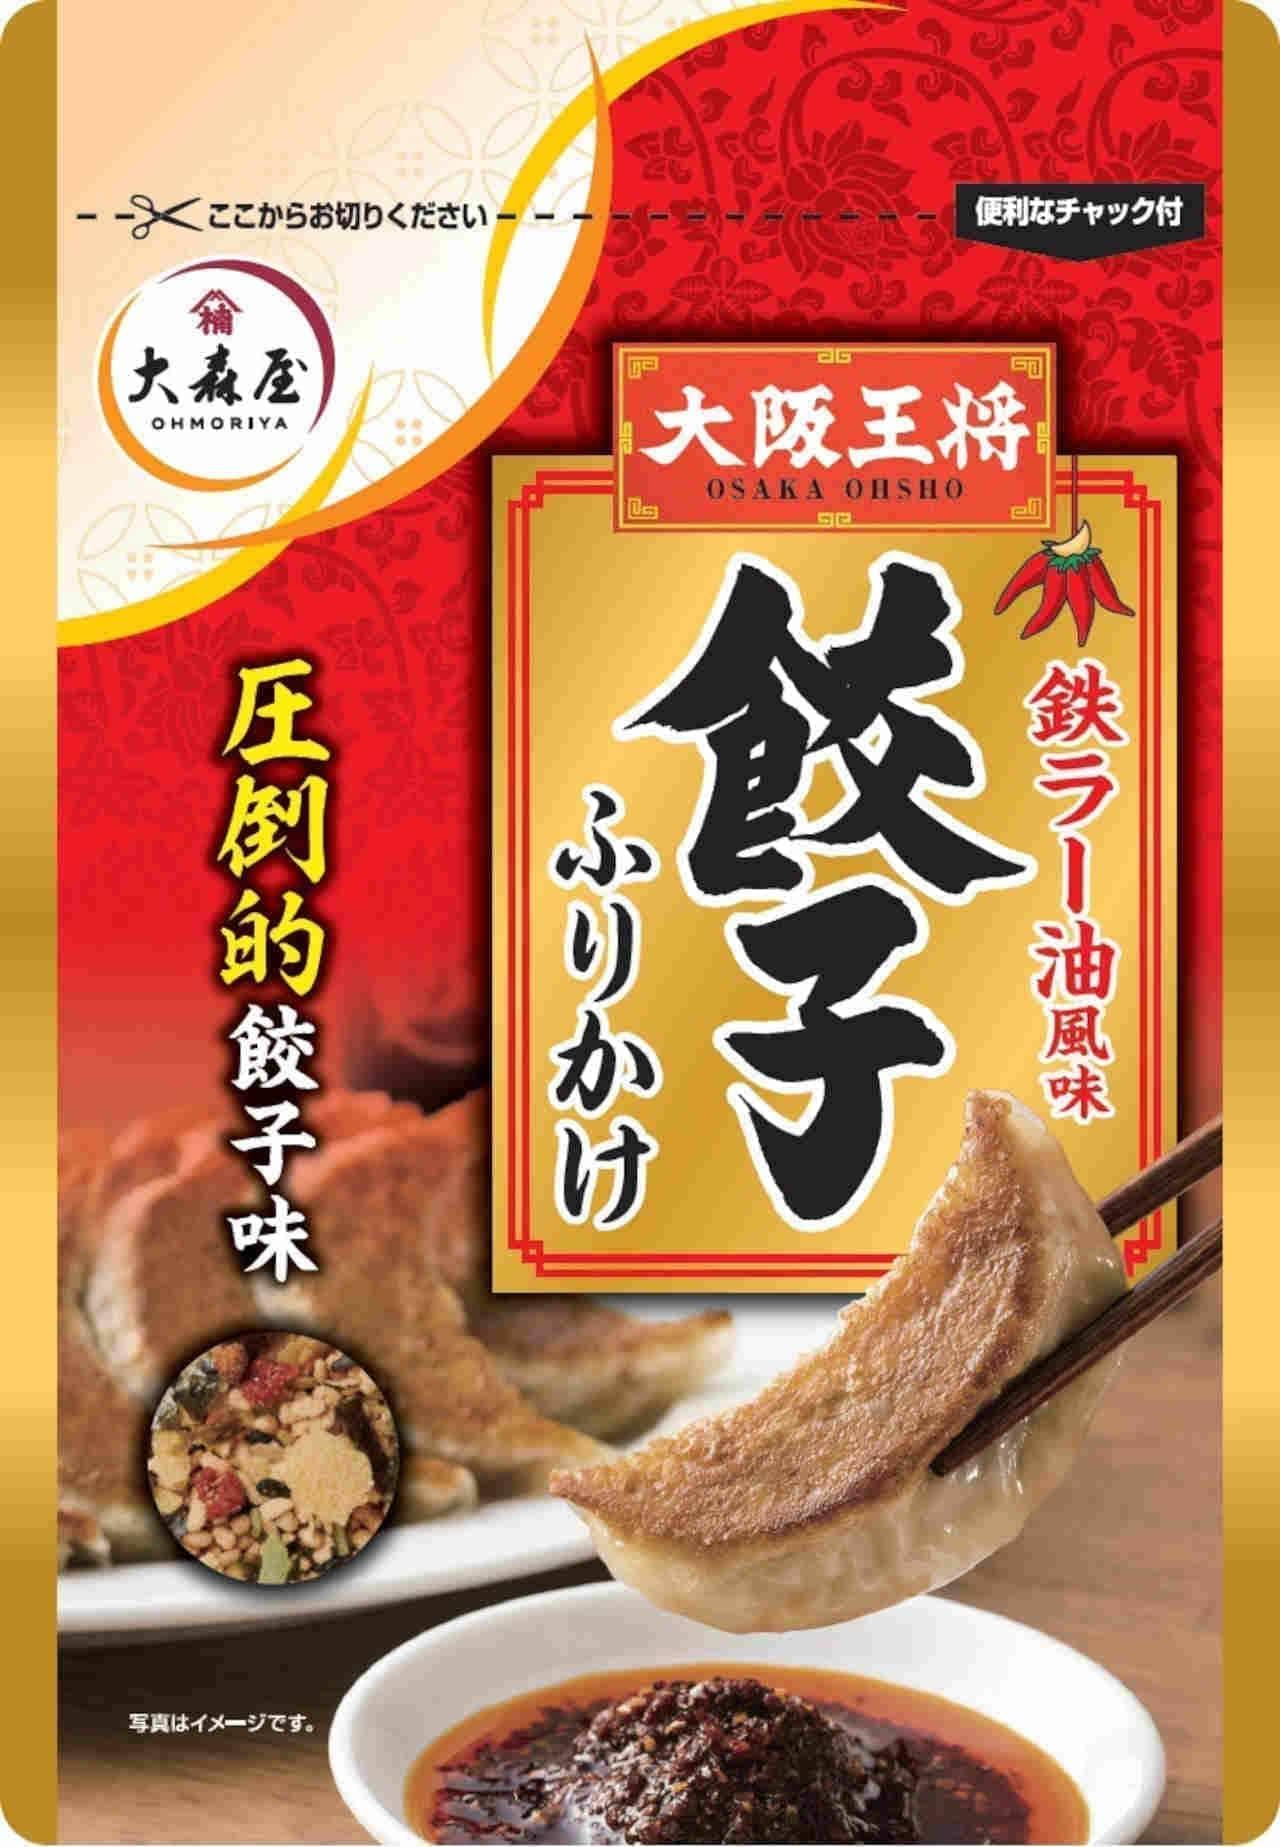 大森屋「大阪王将 餃子ふりかけ」